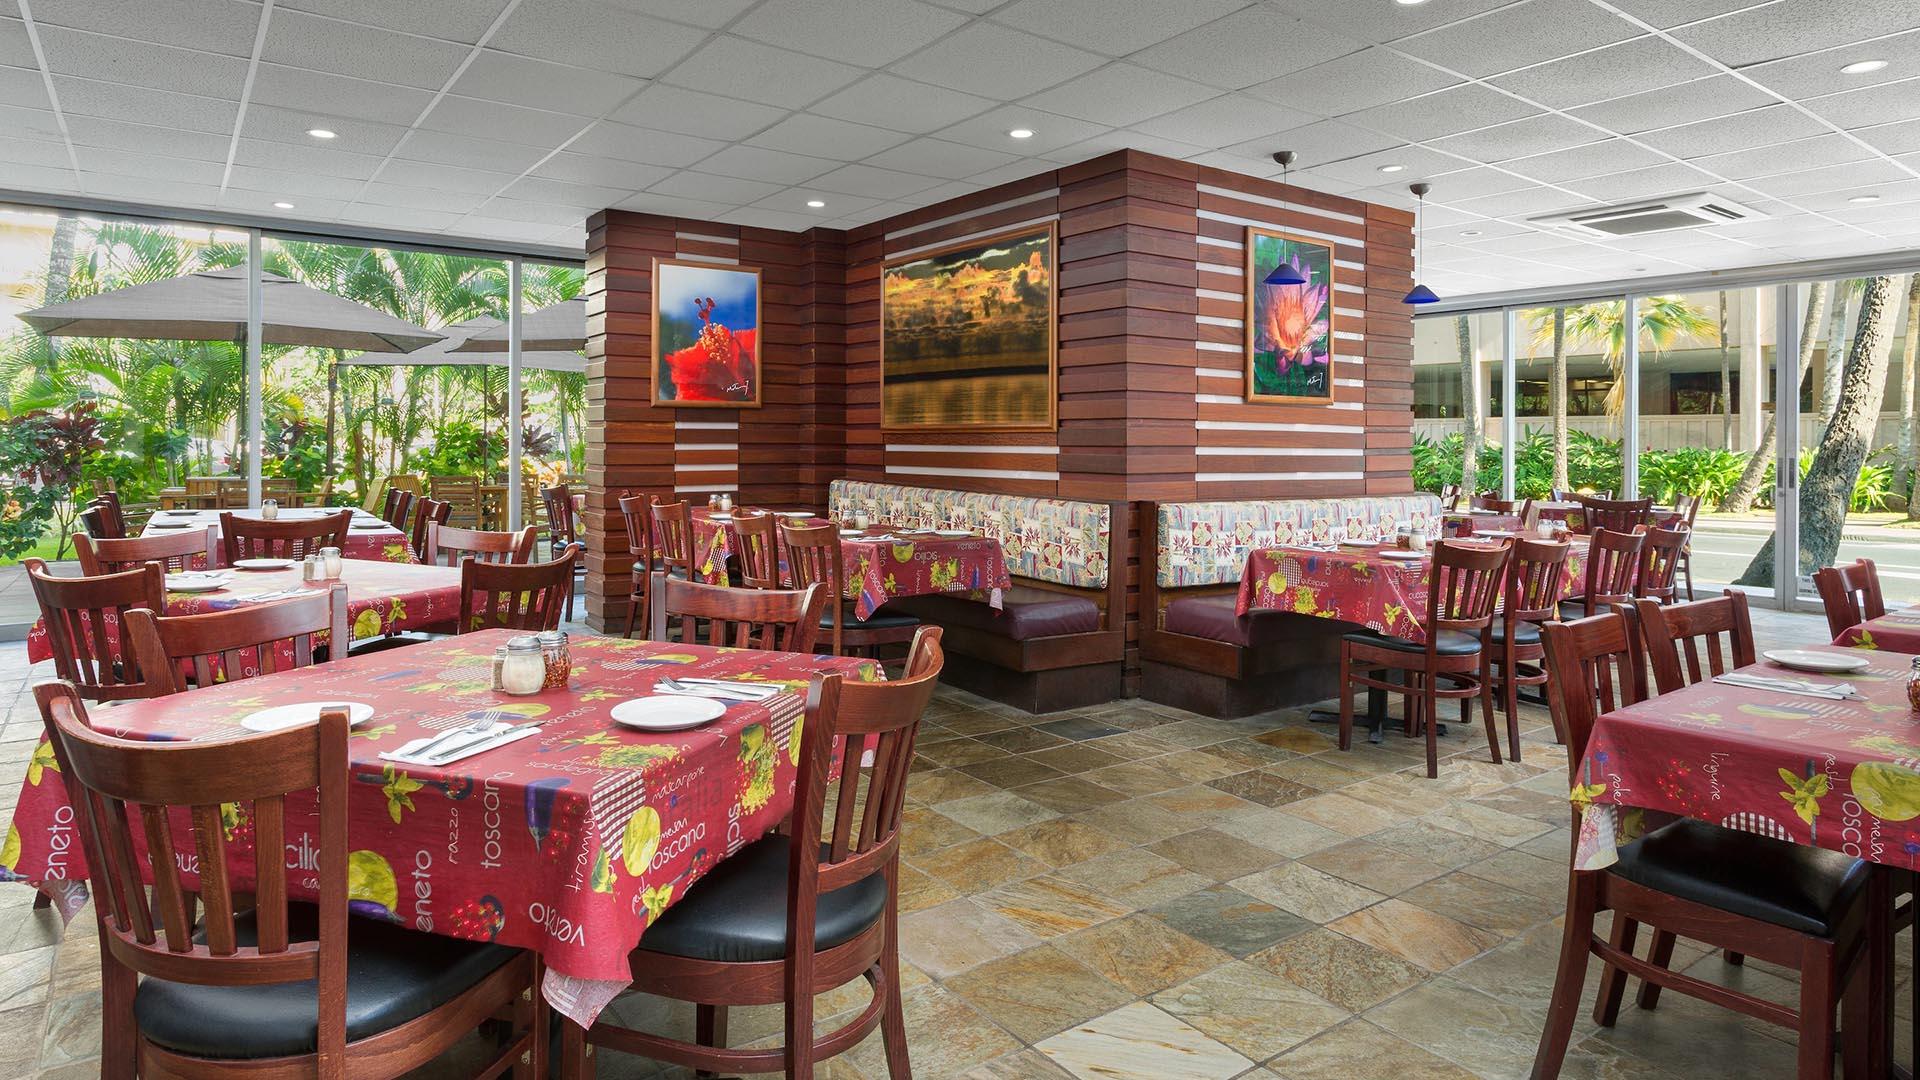 empty restaurant during daytime